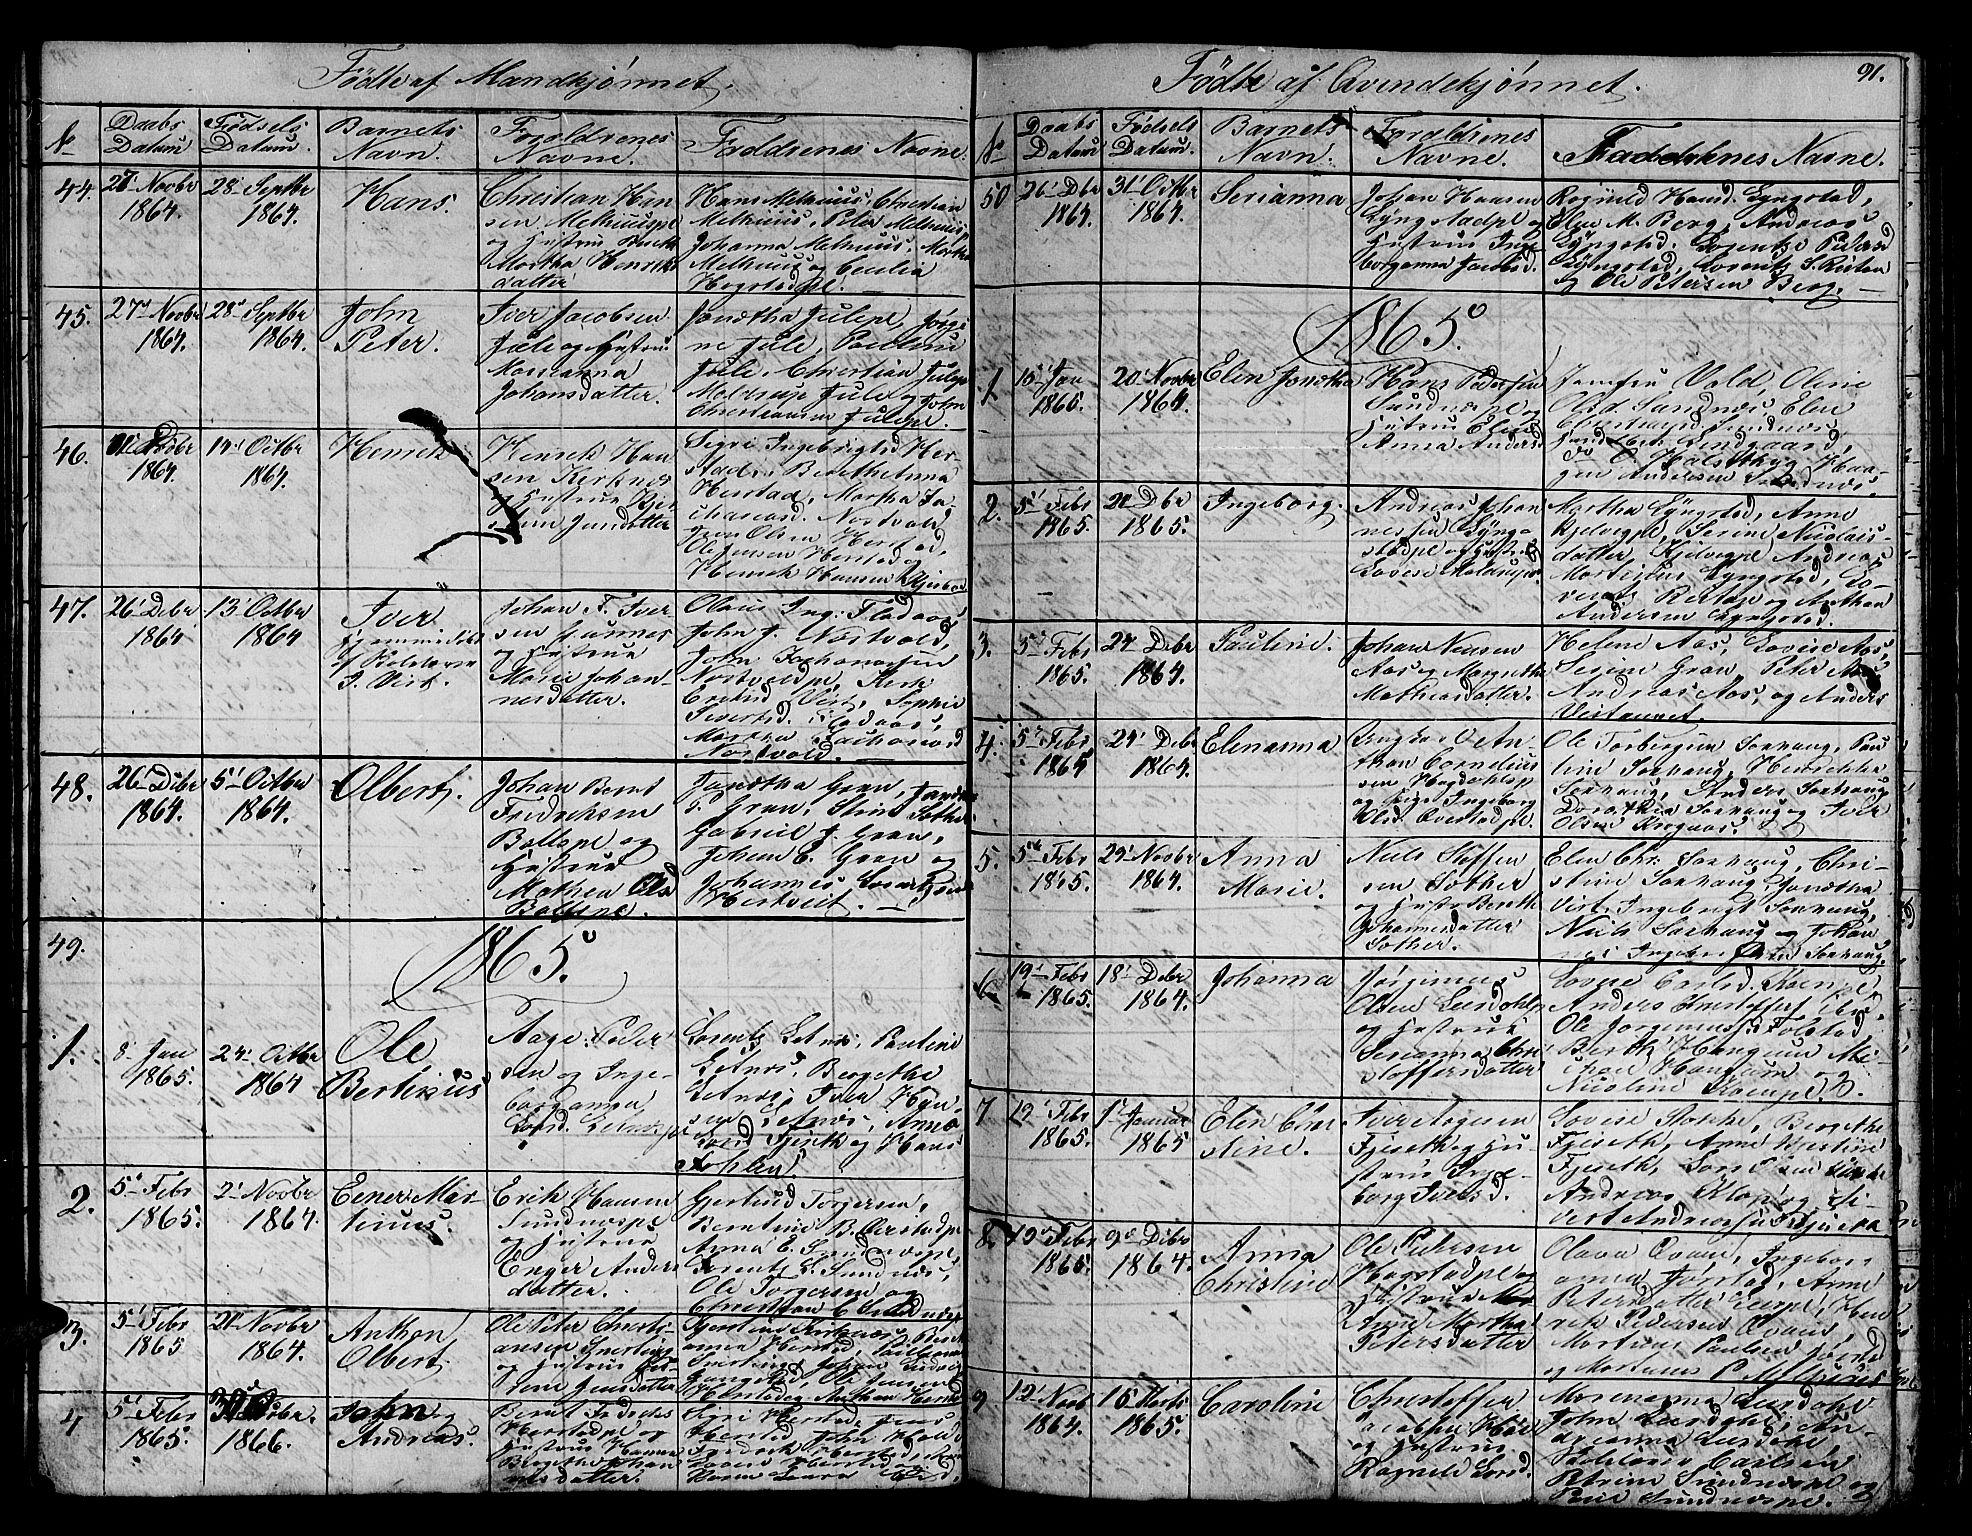 SAT, Ministerialprotokoller, klokkerbøker og fødselsregistre - Nord-Trøndelag, 730/L0299: Klokkerbok nr. 730C02, 1849-1871, s. 91